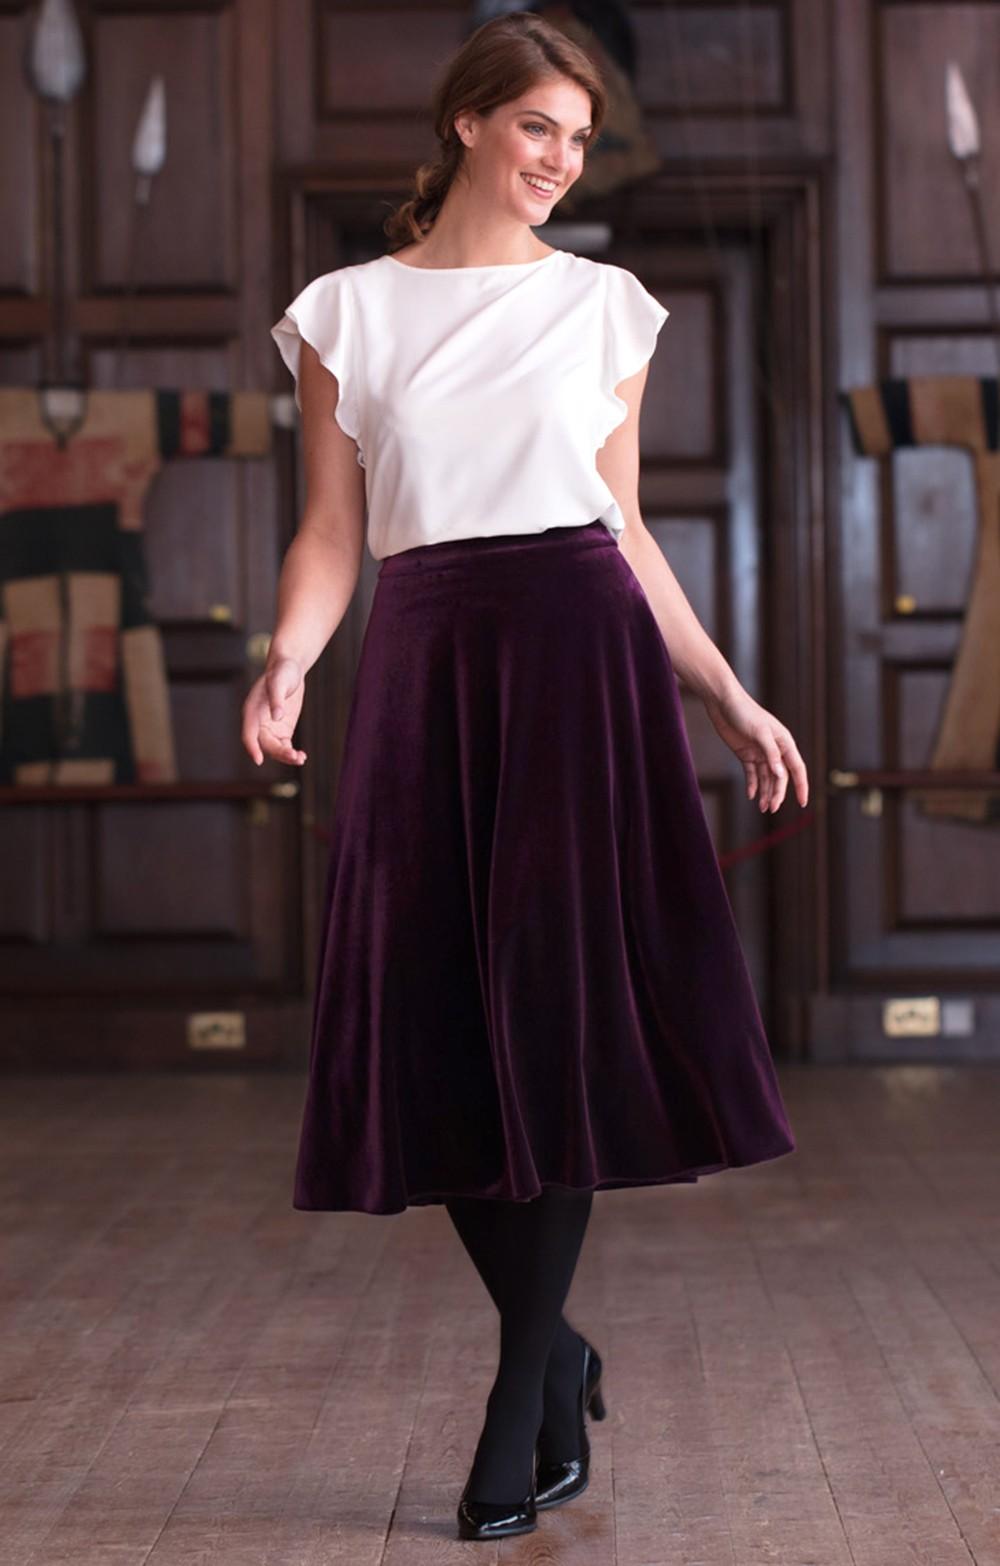 d0da5b1d79f1 Box Pleat Velvet Skirt - House of Bruar